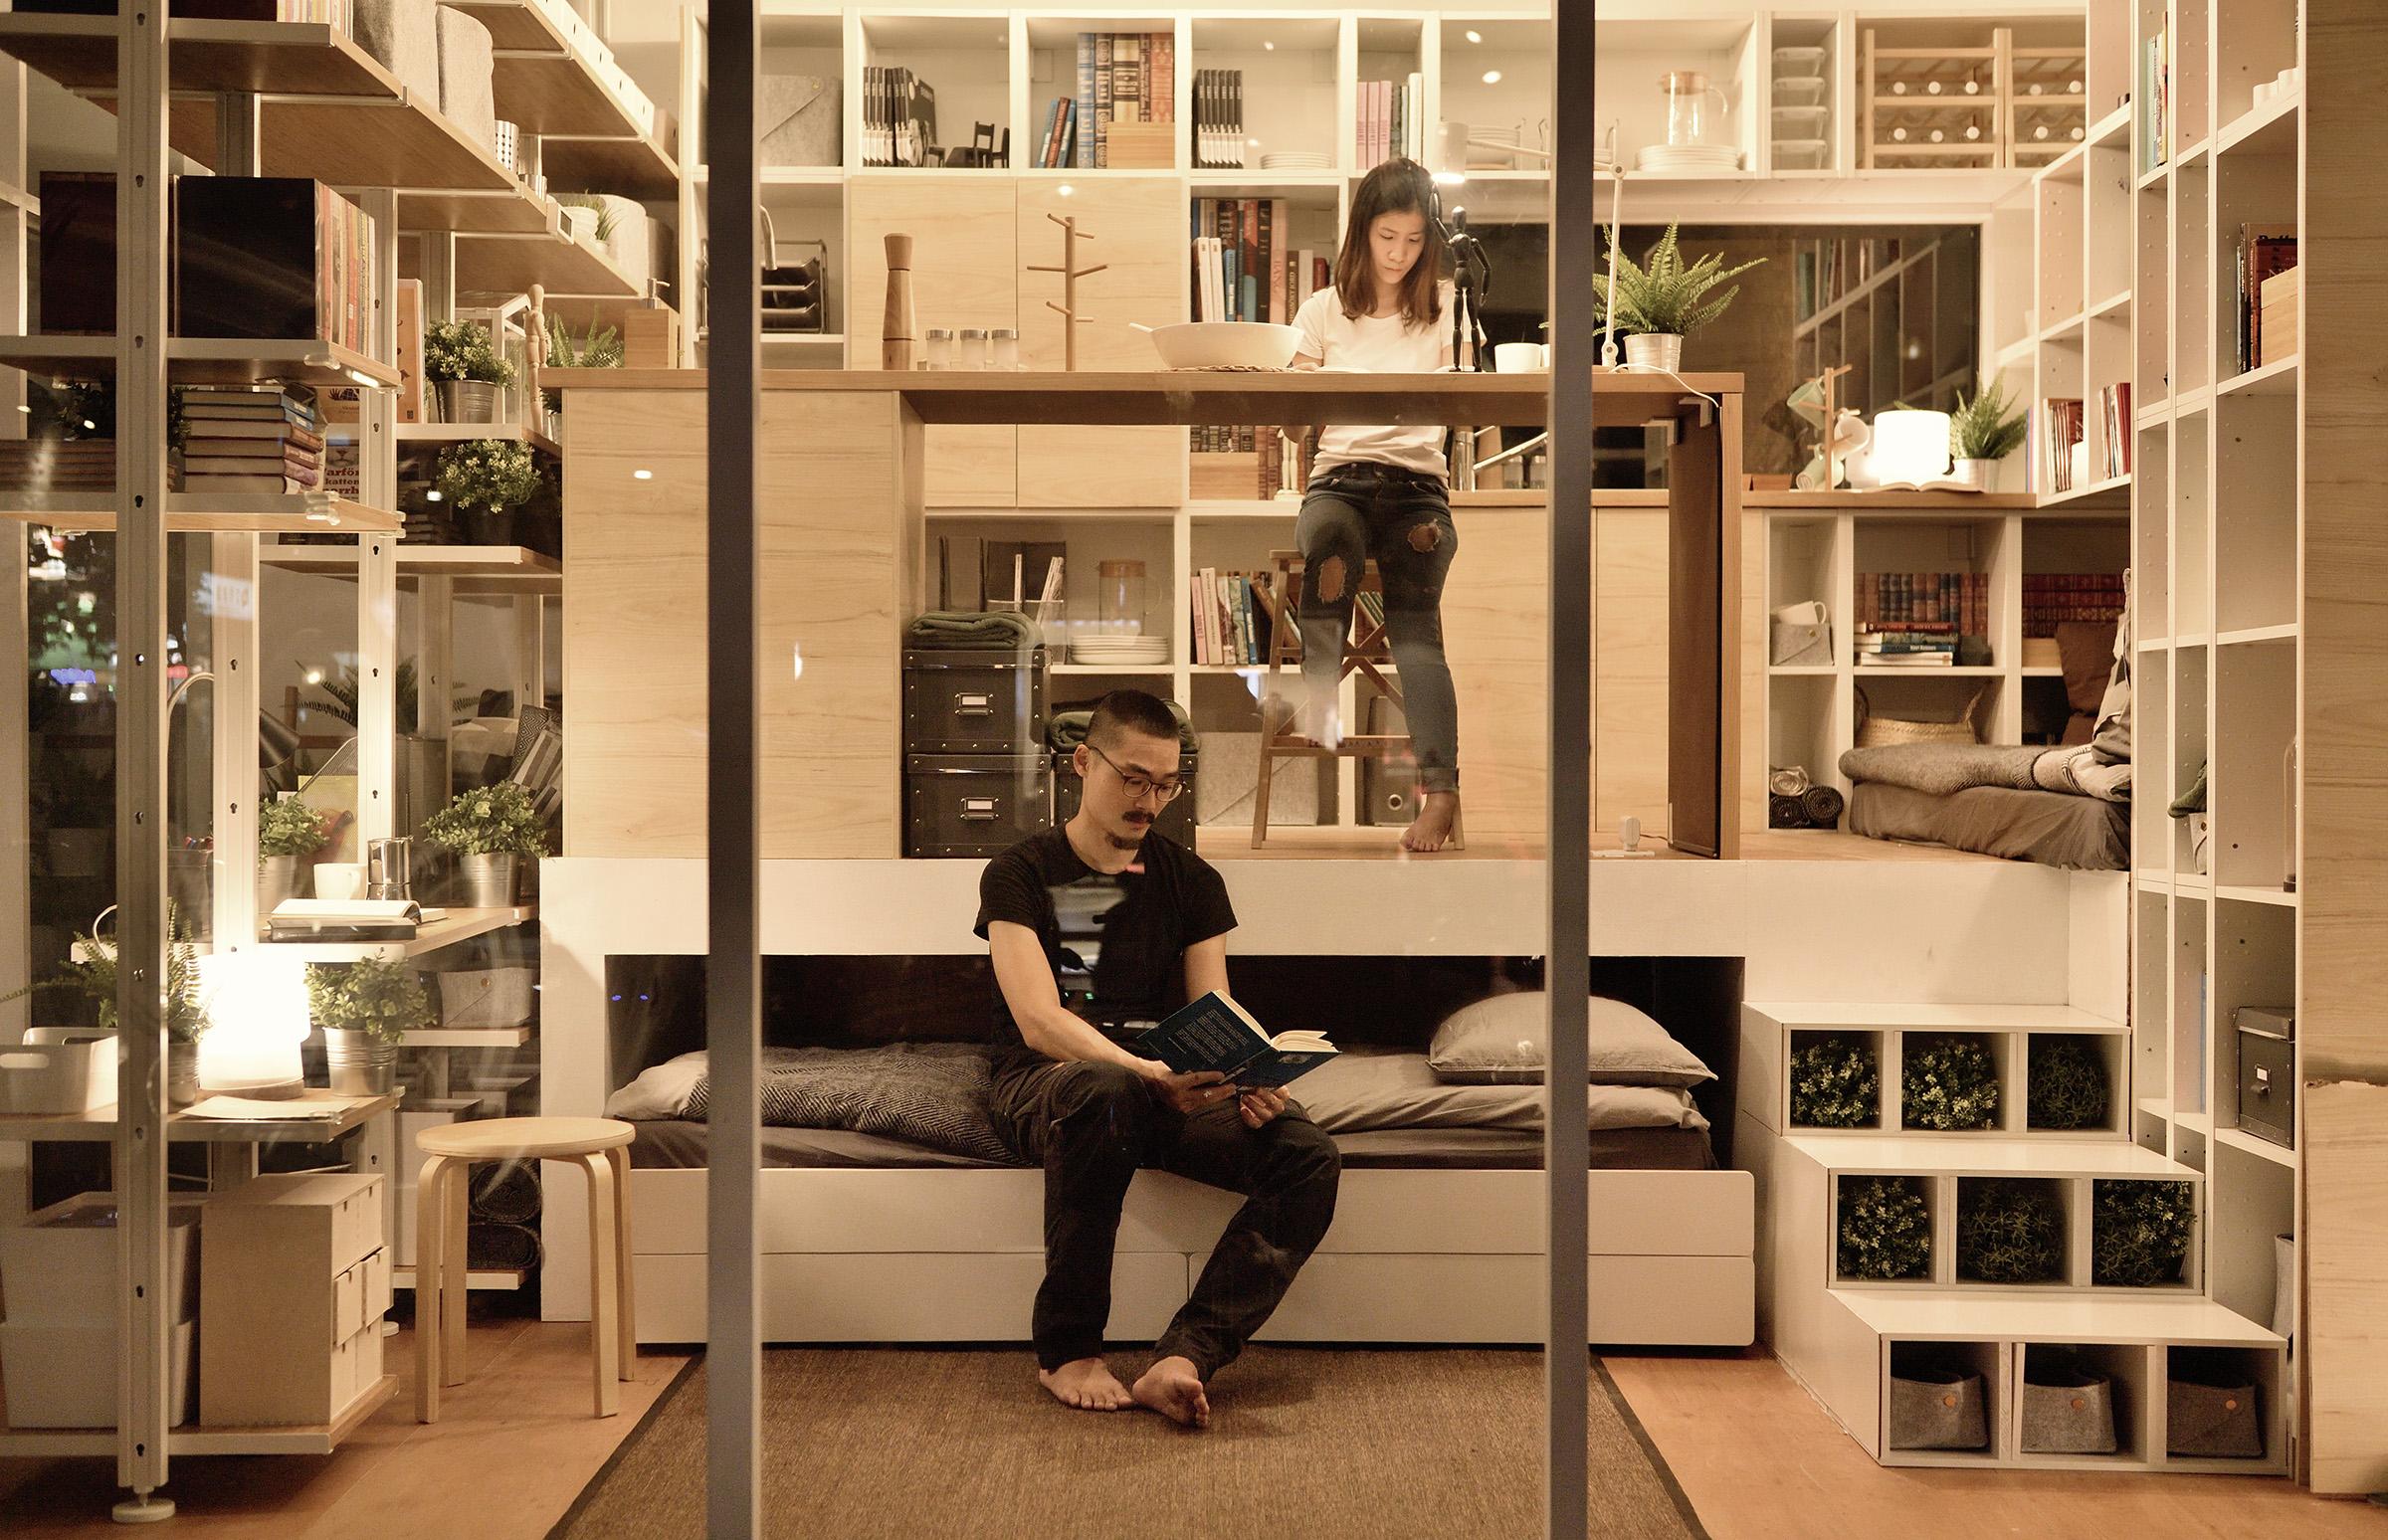 給家更多可能創意生活展-026.jpg